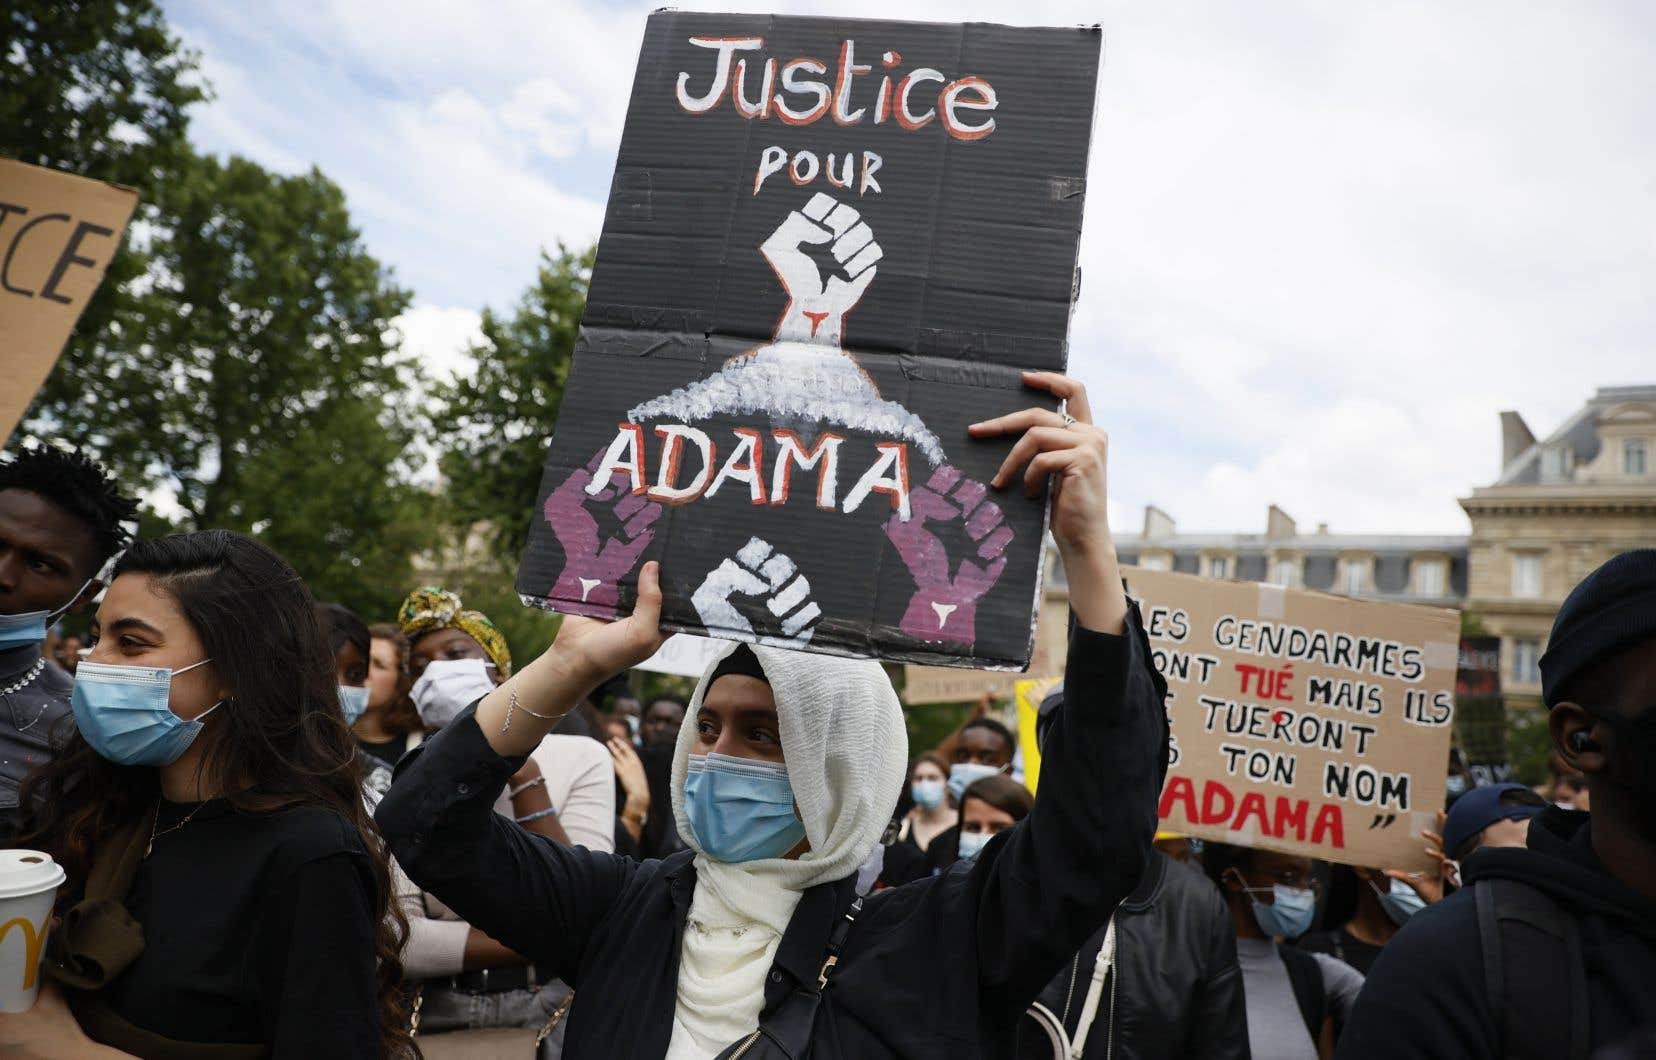 Le rassemblement s'est déroulé à l'initiative du comité Adama Traoré, du nom d'un jeune homme noir mort en juillet 2016 après avoir été appréhendé par des gendarmes en région parisienne.